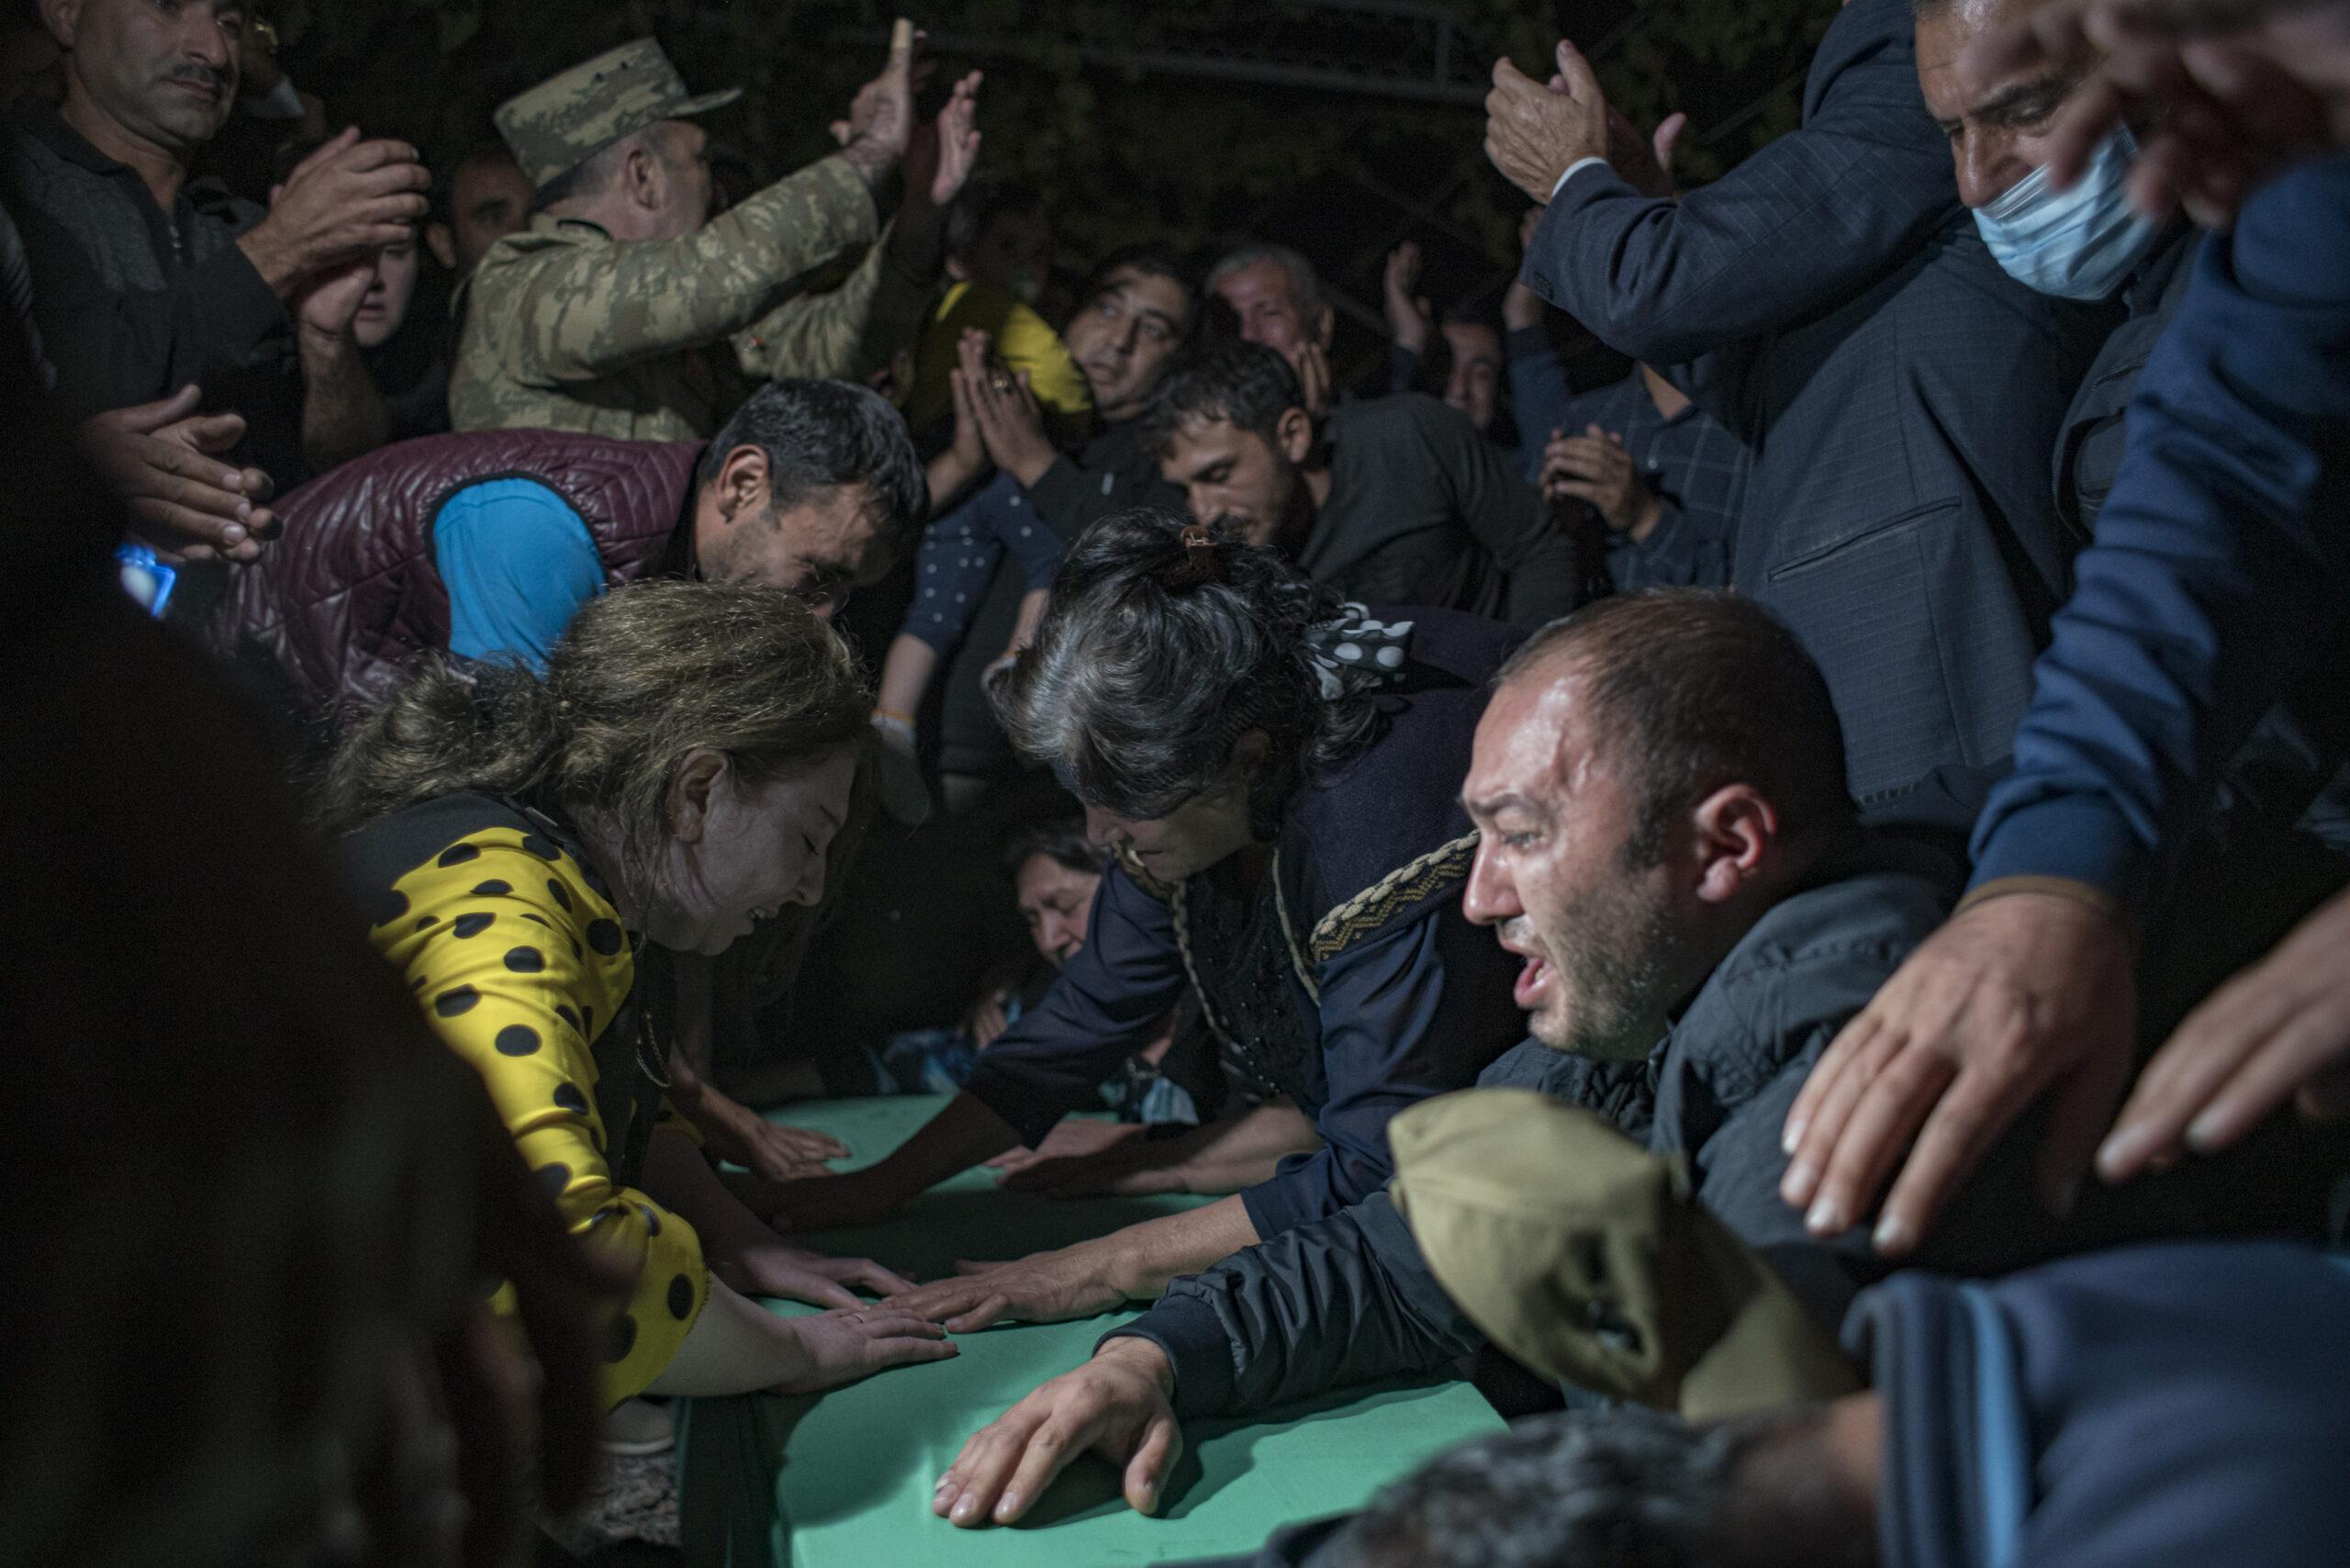 Azerbaycan'dan yürek yakan görüntüler… Cenazeler akşam defnedildi